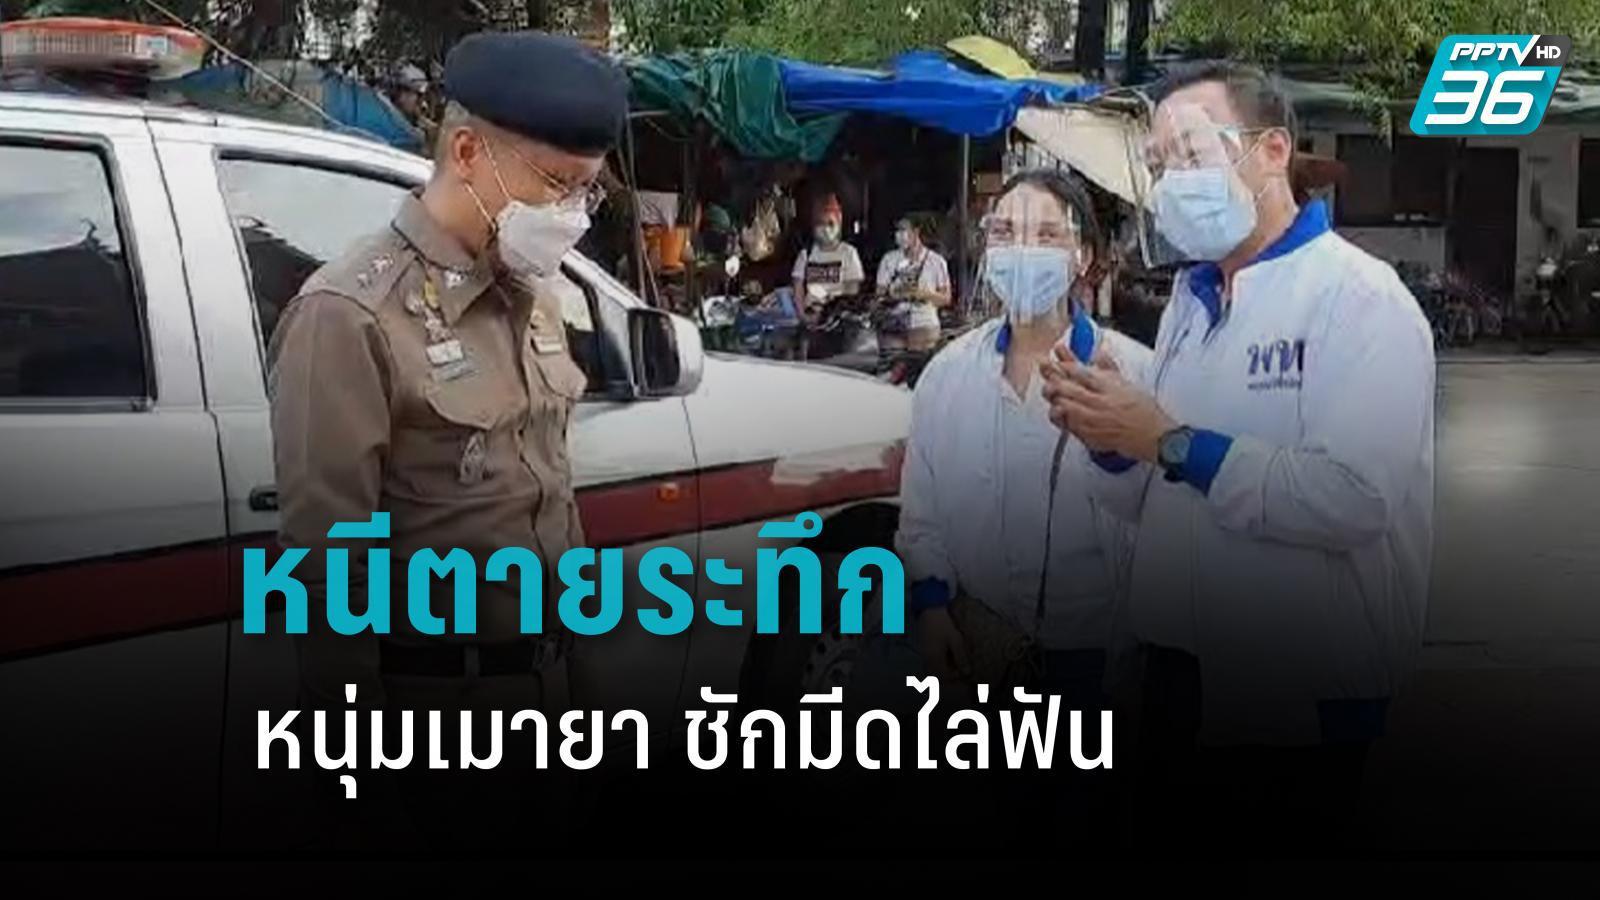 สมาชิกเพื่อไทย หนีตาย หลังเคาะประตูบ้านแจกแมสก์ เจอหนุ่มเมายาไล่ฟัน